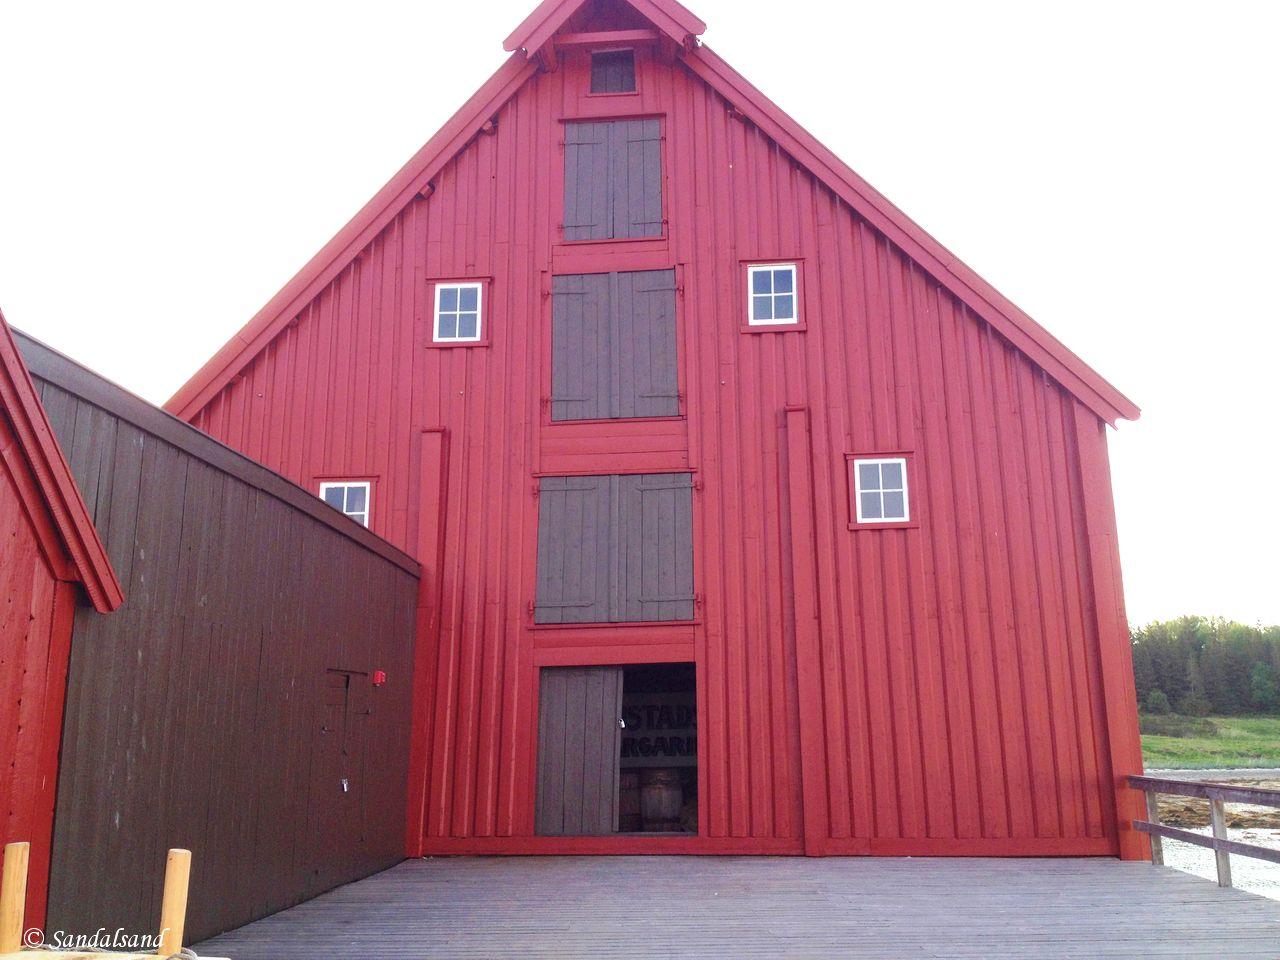 Norway - Nordland - Kjerringøy trading post - The store house